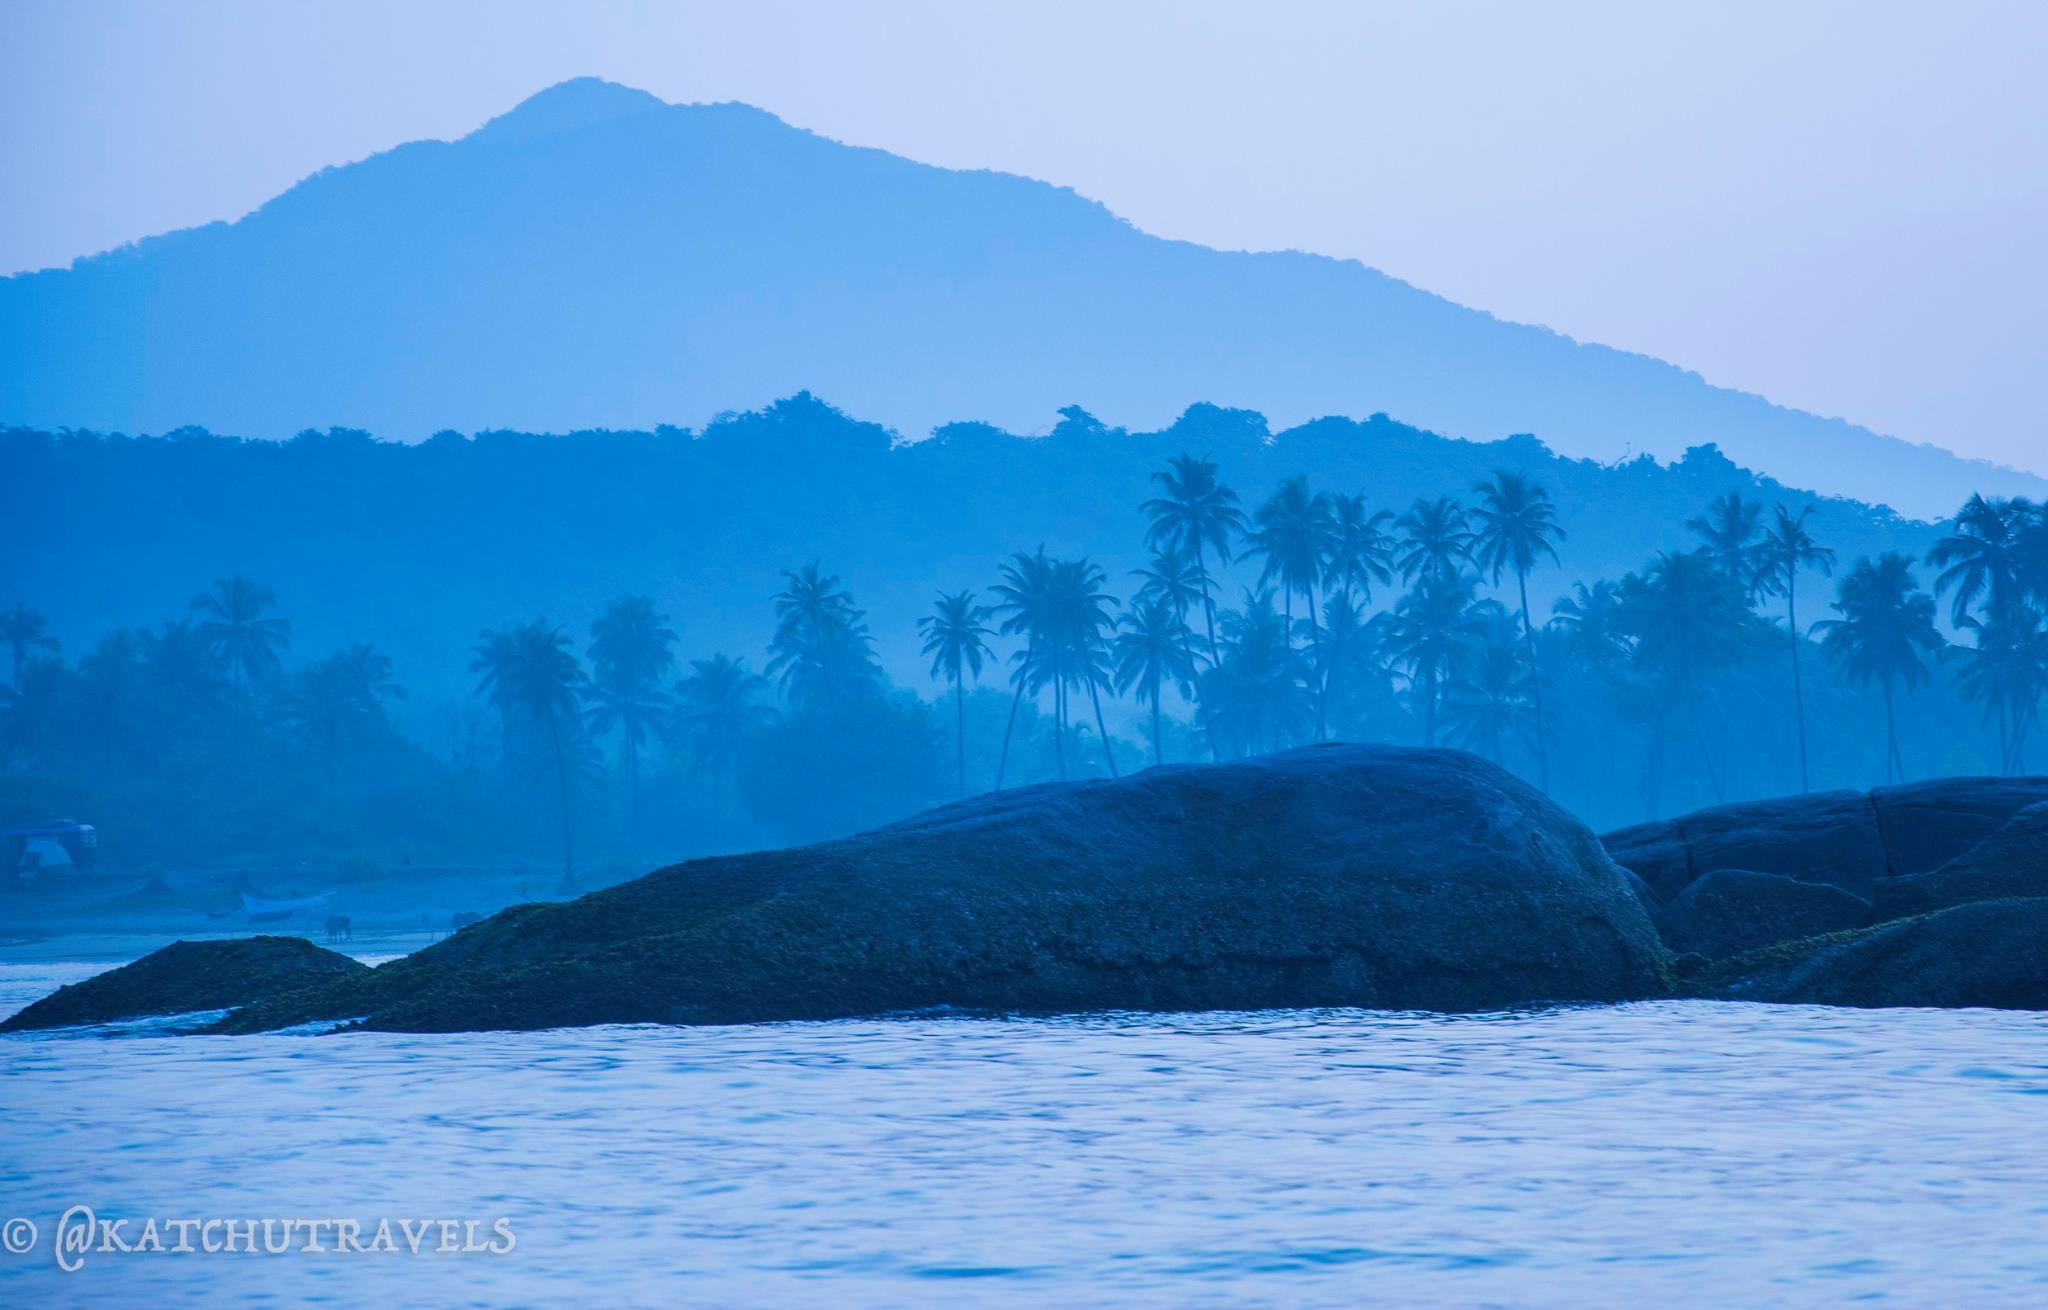 Agonda Beach in Goa, as viewed from the Arabian Sea